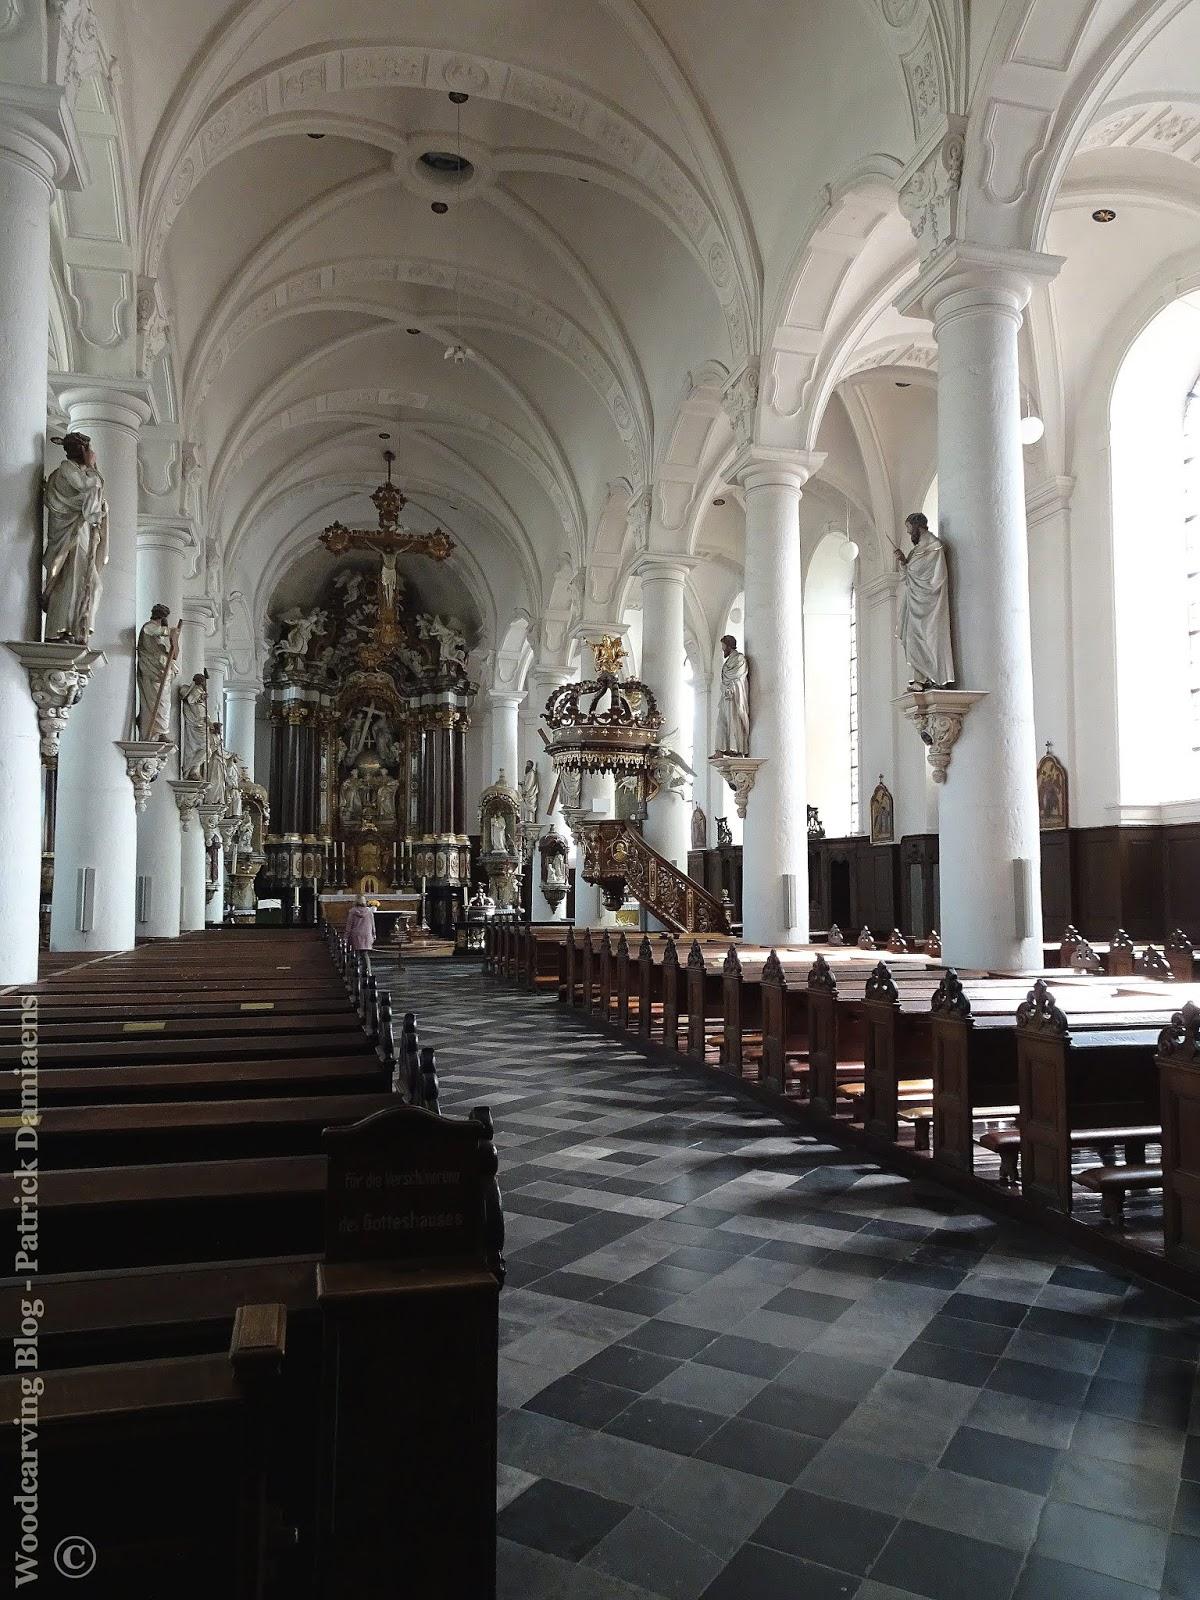 Schon Wunderbar Jh. Durch Eine Gotische Kirche Ersetzt Worden, Wobei Der Süd Turm  Des 12